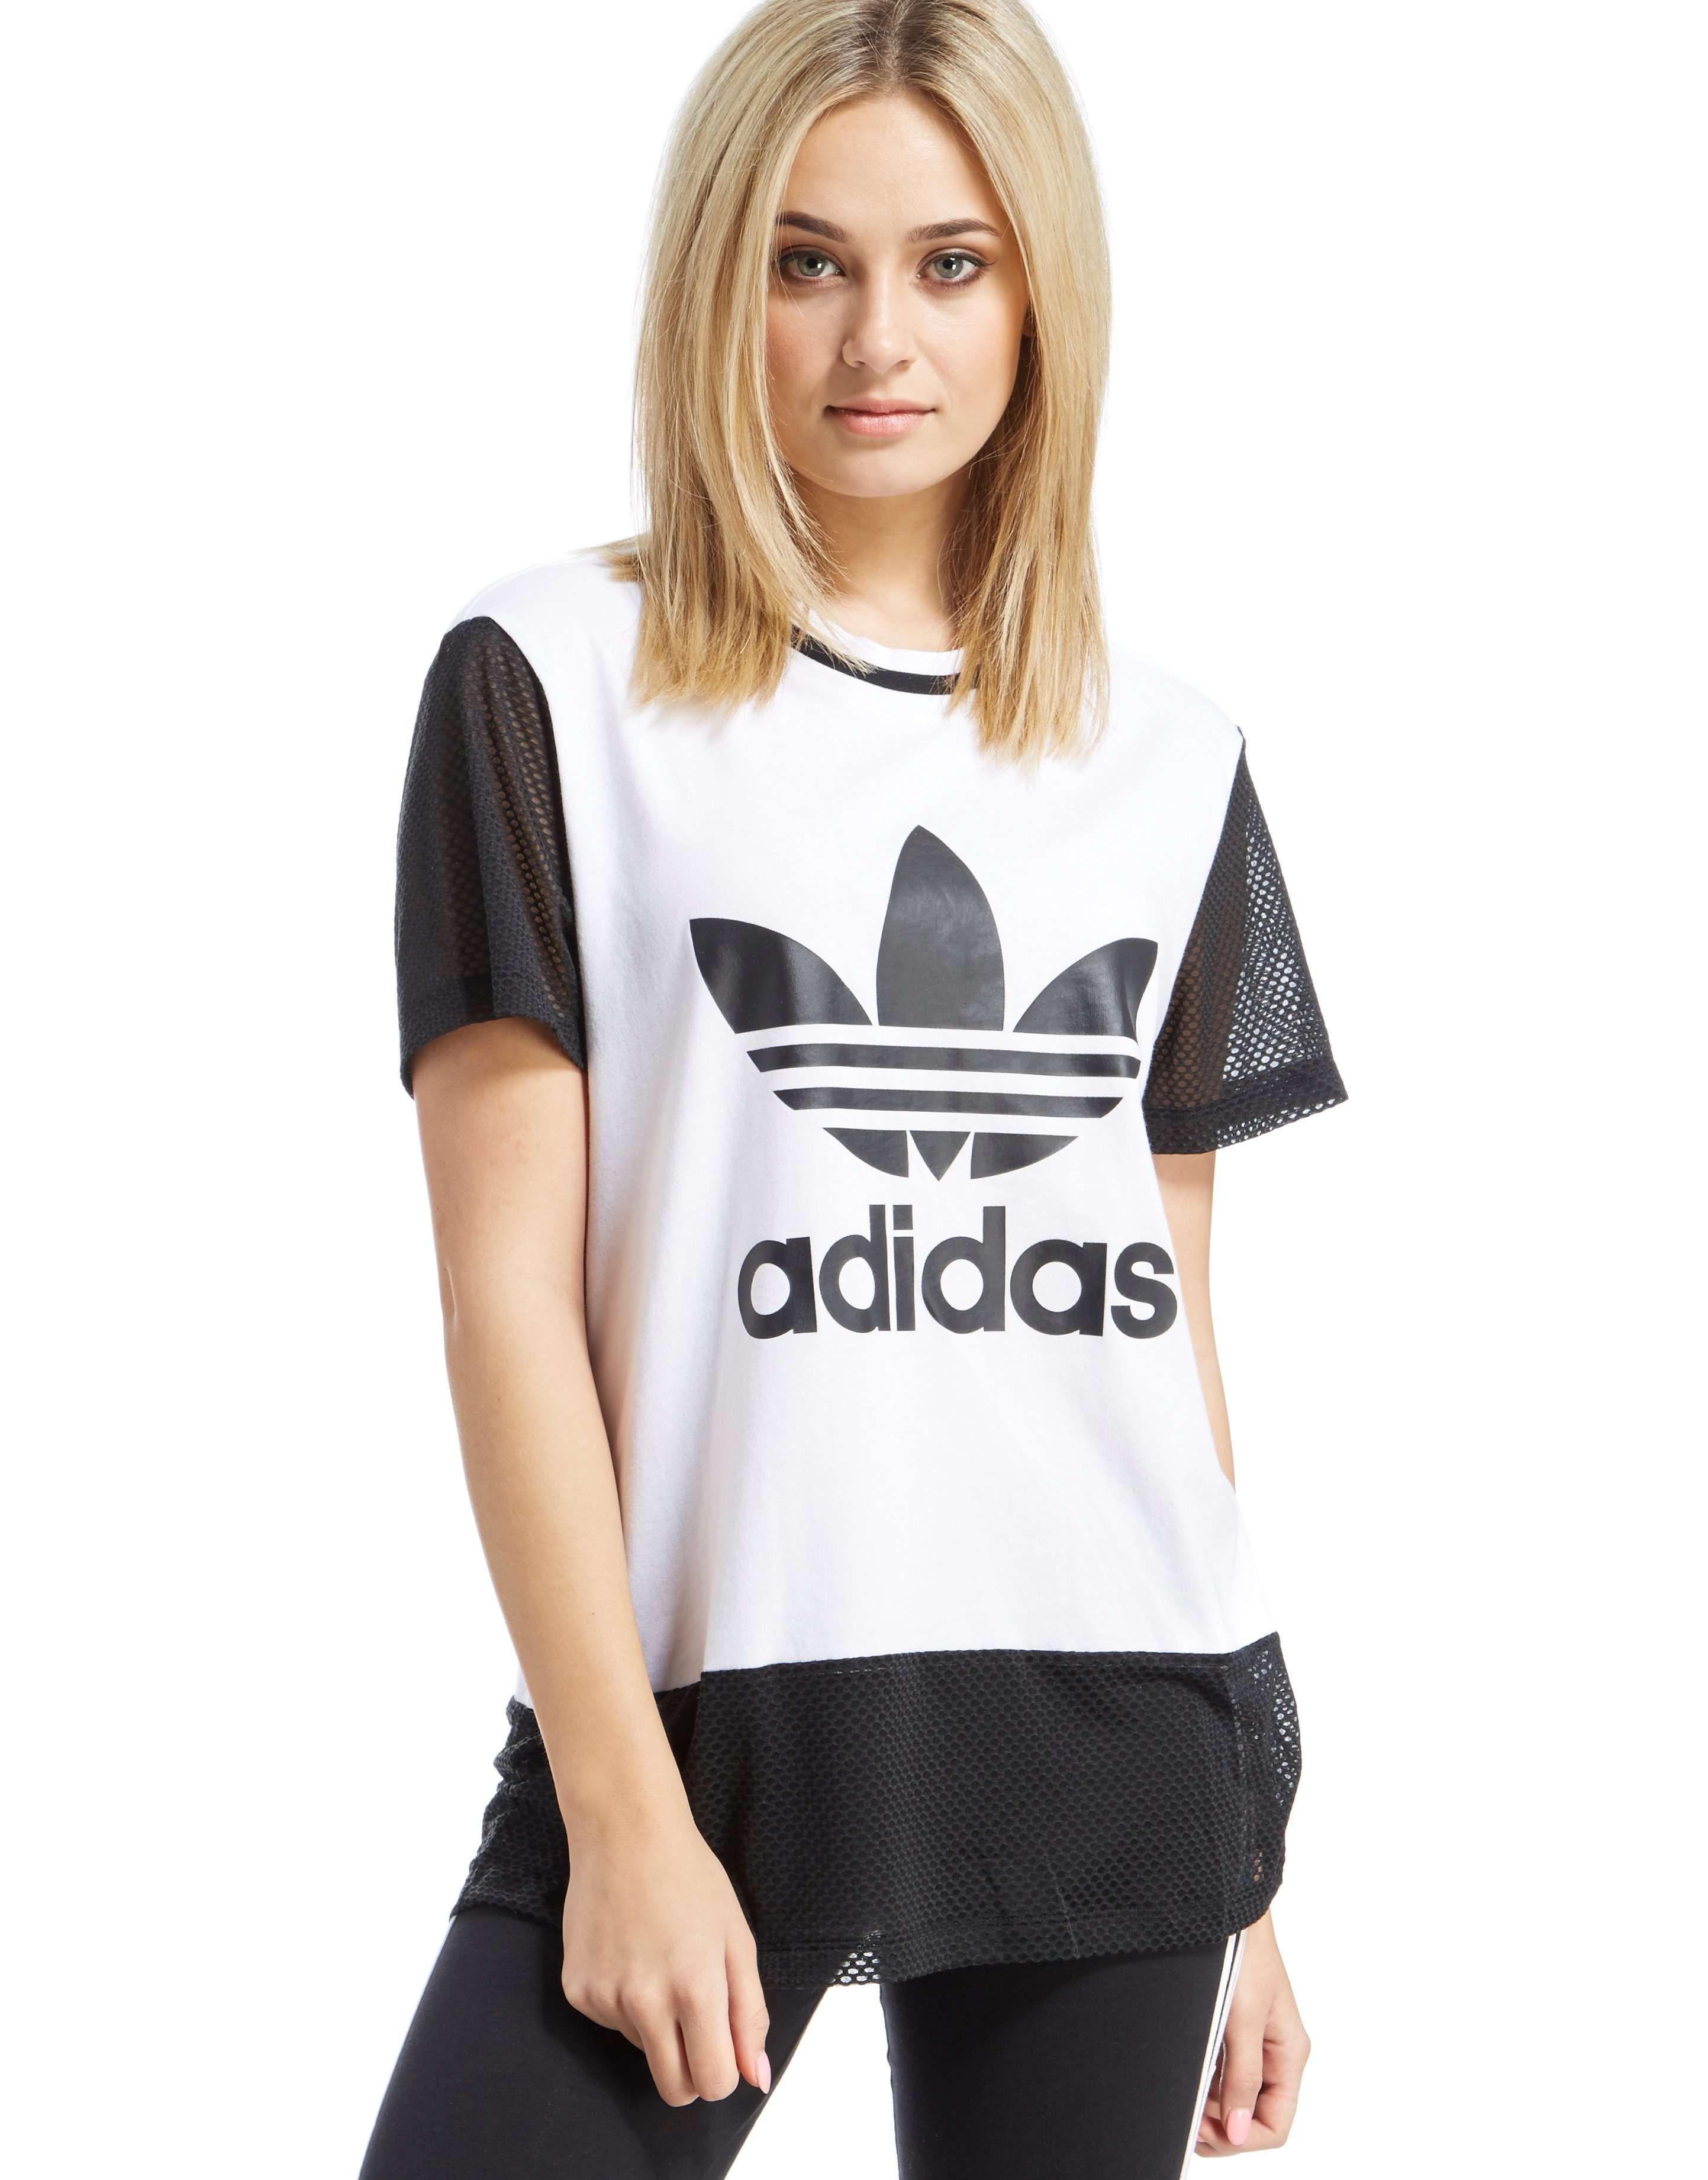 ADIDAS ORIGINALS Women's Trefoil T-Shirt | jdsports.co.uk ...